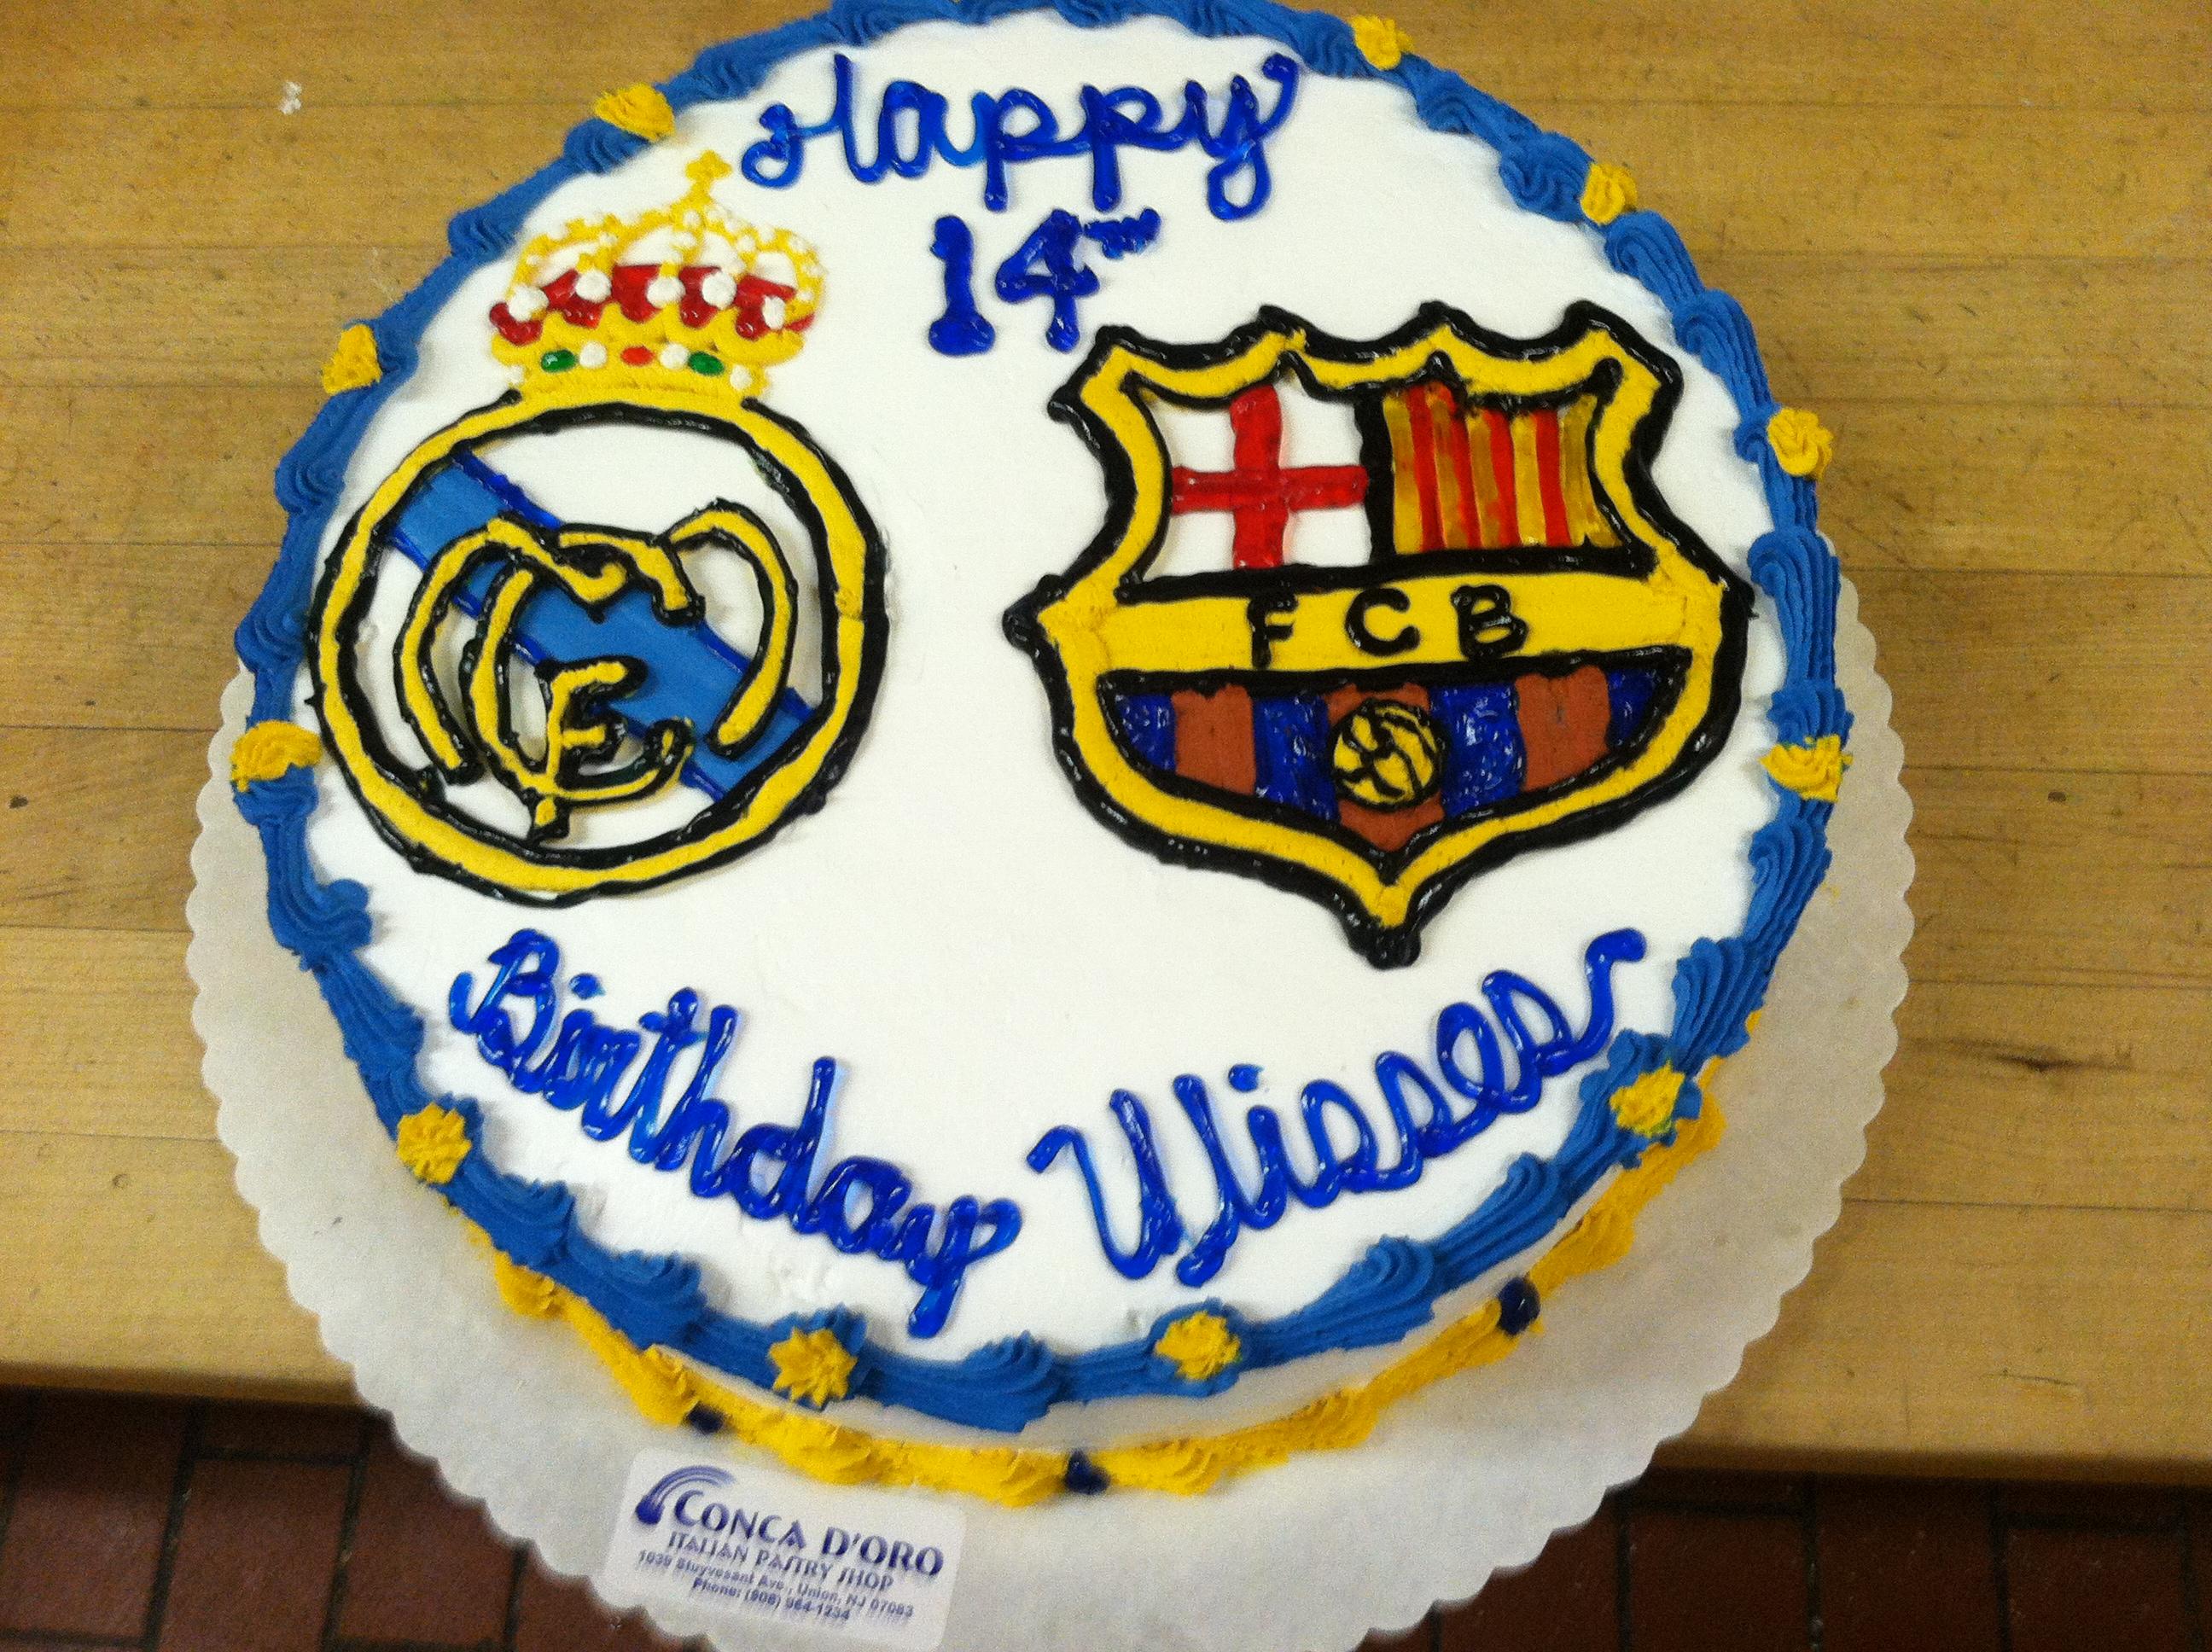 Barcelona vs Real Madrid Cake